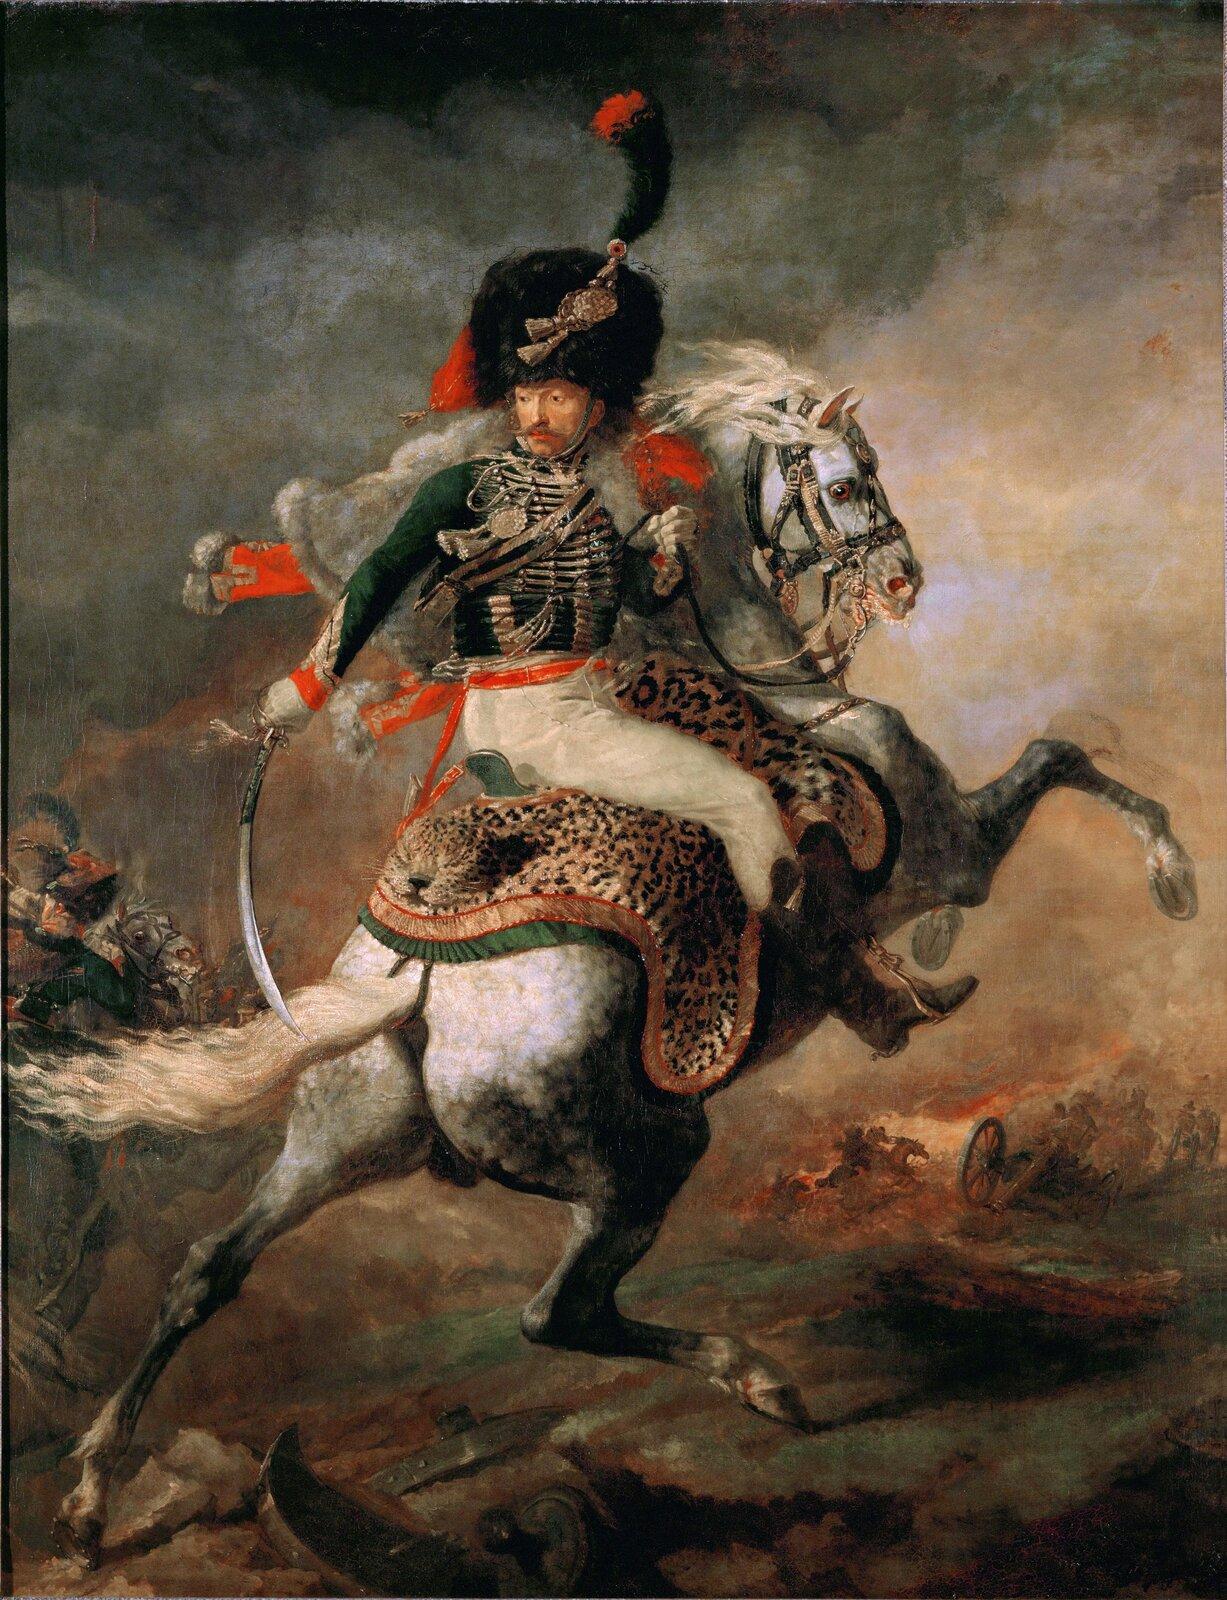 """Ilustracja przedstawia obraz Théodore'a Géricaulta """"Oficer szaserów"""". Obraz ukazuje oficera Gwardii napoleońskiej, Alexandra Dieudonné'a, który był przyjacielem artysty. Postać obraca się przyjmując dramatycznie skręcona pozę, wręku trzymam miecz, wyrażając gotowość do walki. Portret został wyeksponowany poprzez obniżoną linię horyzontu. Koń stający dęba ma zwróconą wprawo głowę. Wtle została przedstawiona scena bitwy, wzmocniona ciepłą kolorystyka, jednak nie jest to dzieło typowo batalistyczne – malarz zamieszcza jedynie jej fragment, anie panoramiczne ujęcie tematu, jak to miało miejsce wtypowych ujęciach tego typu. Géricault wzmacnia napięcie przez odważne wybory kolorów iróżnorodne efekty świetlne oraz ciemne, zachmurzone niebo."""